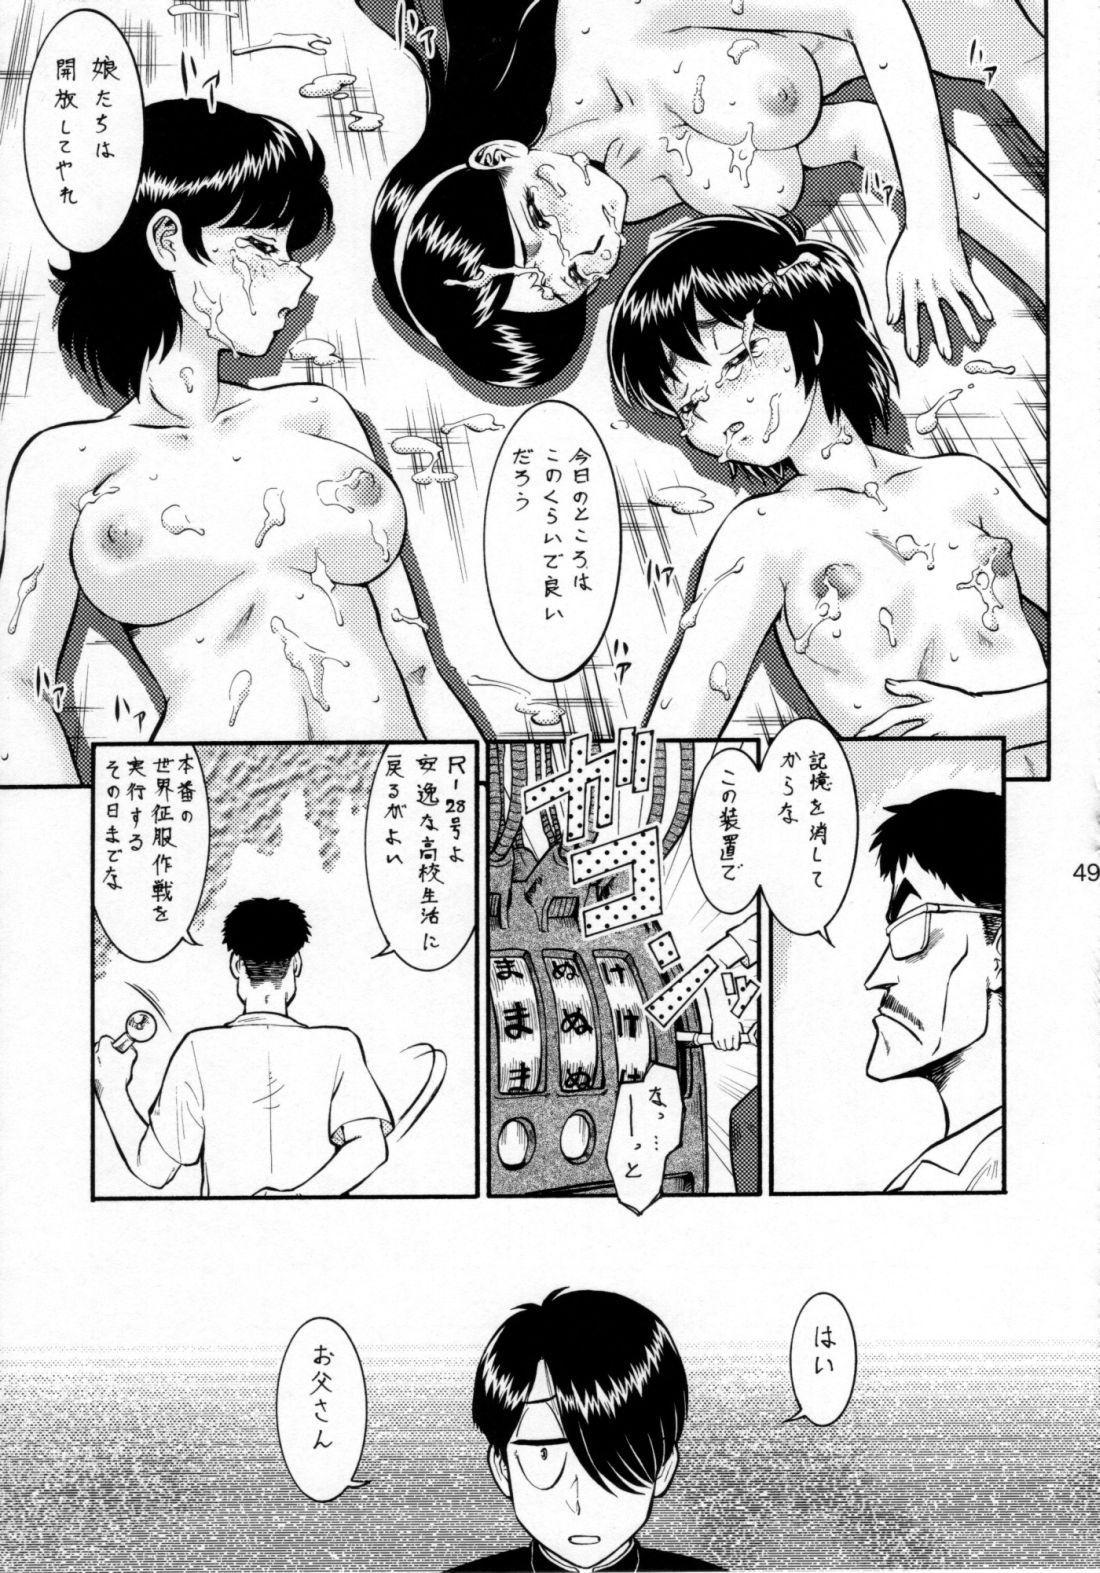 Umedamangashuu 12 Shito 47